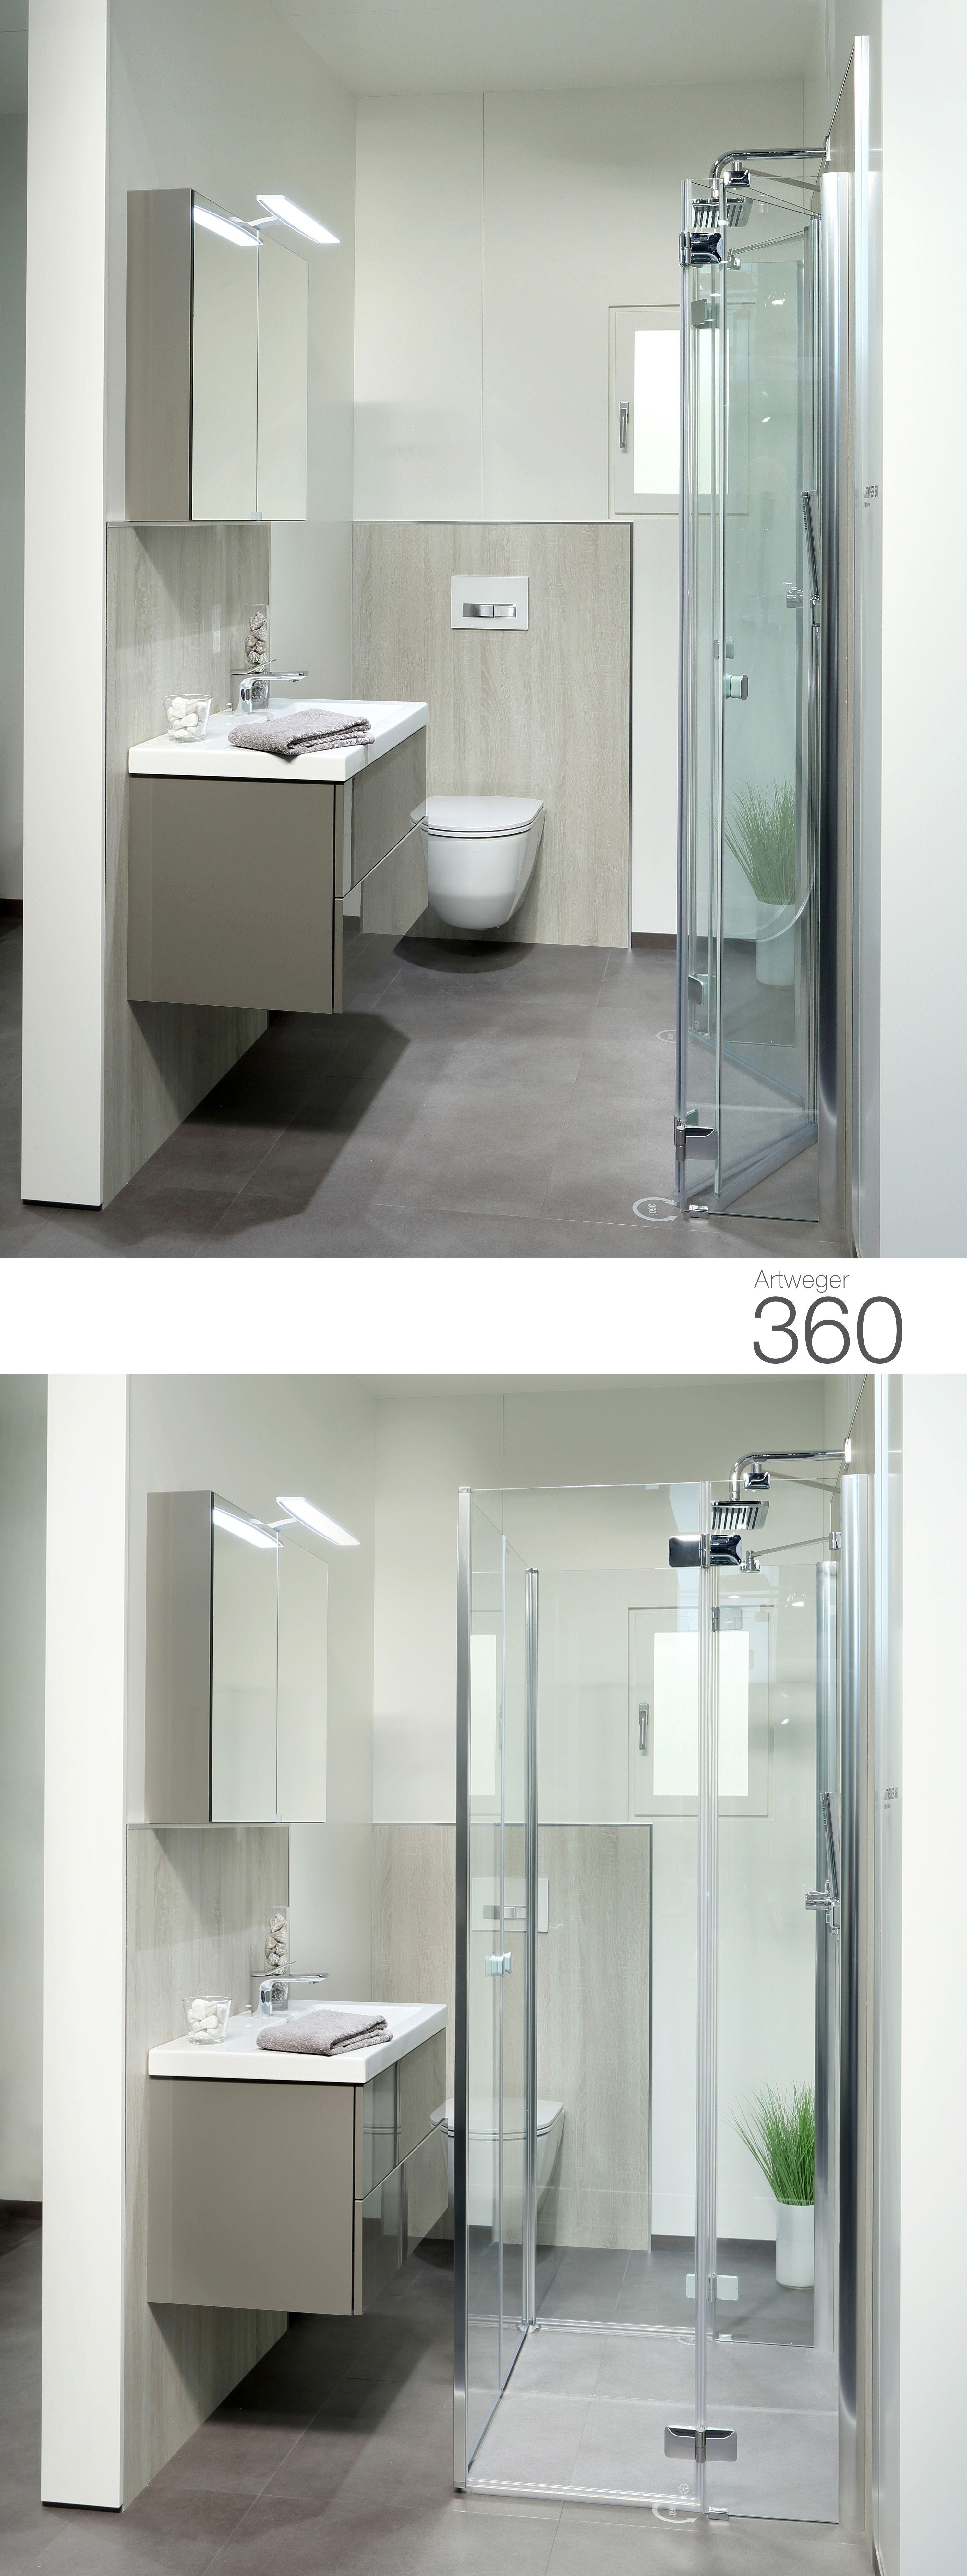 Wegklappbare Dusche für schmale Schlauchbäder möglich